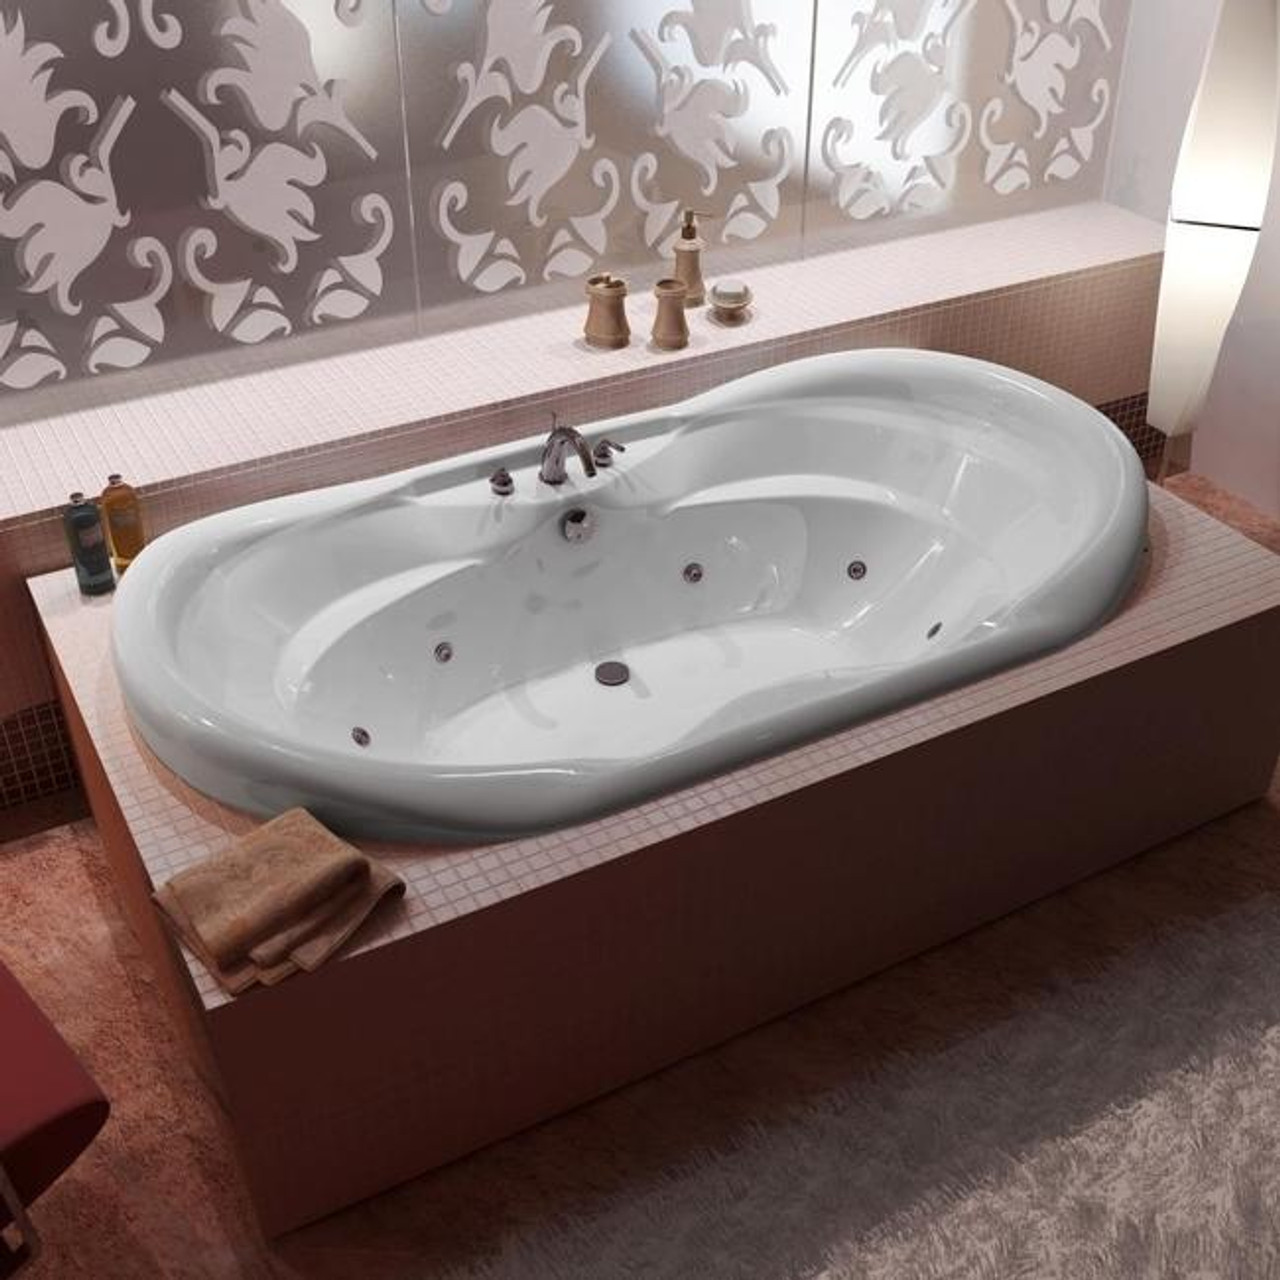 indulgence acrylic drop in corner tub soaker